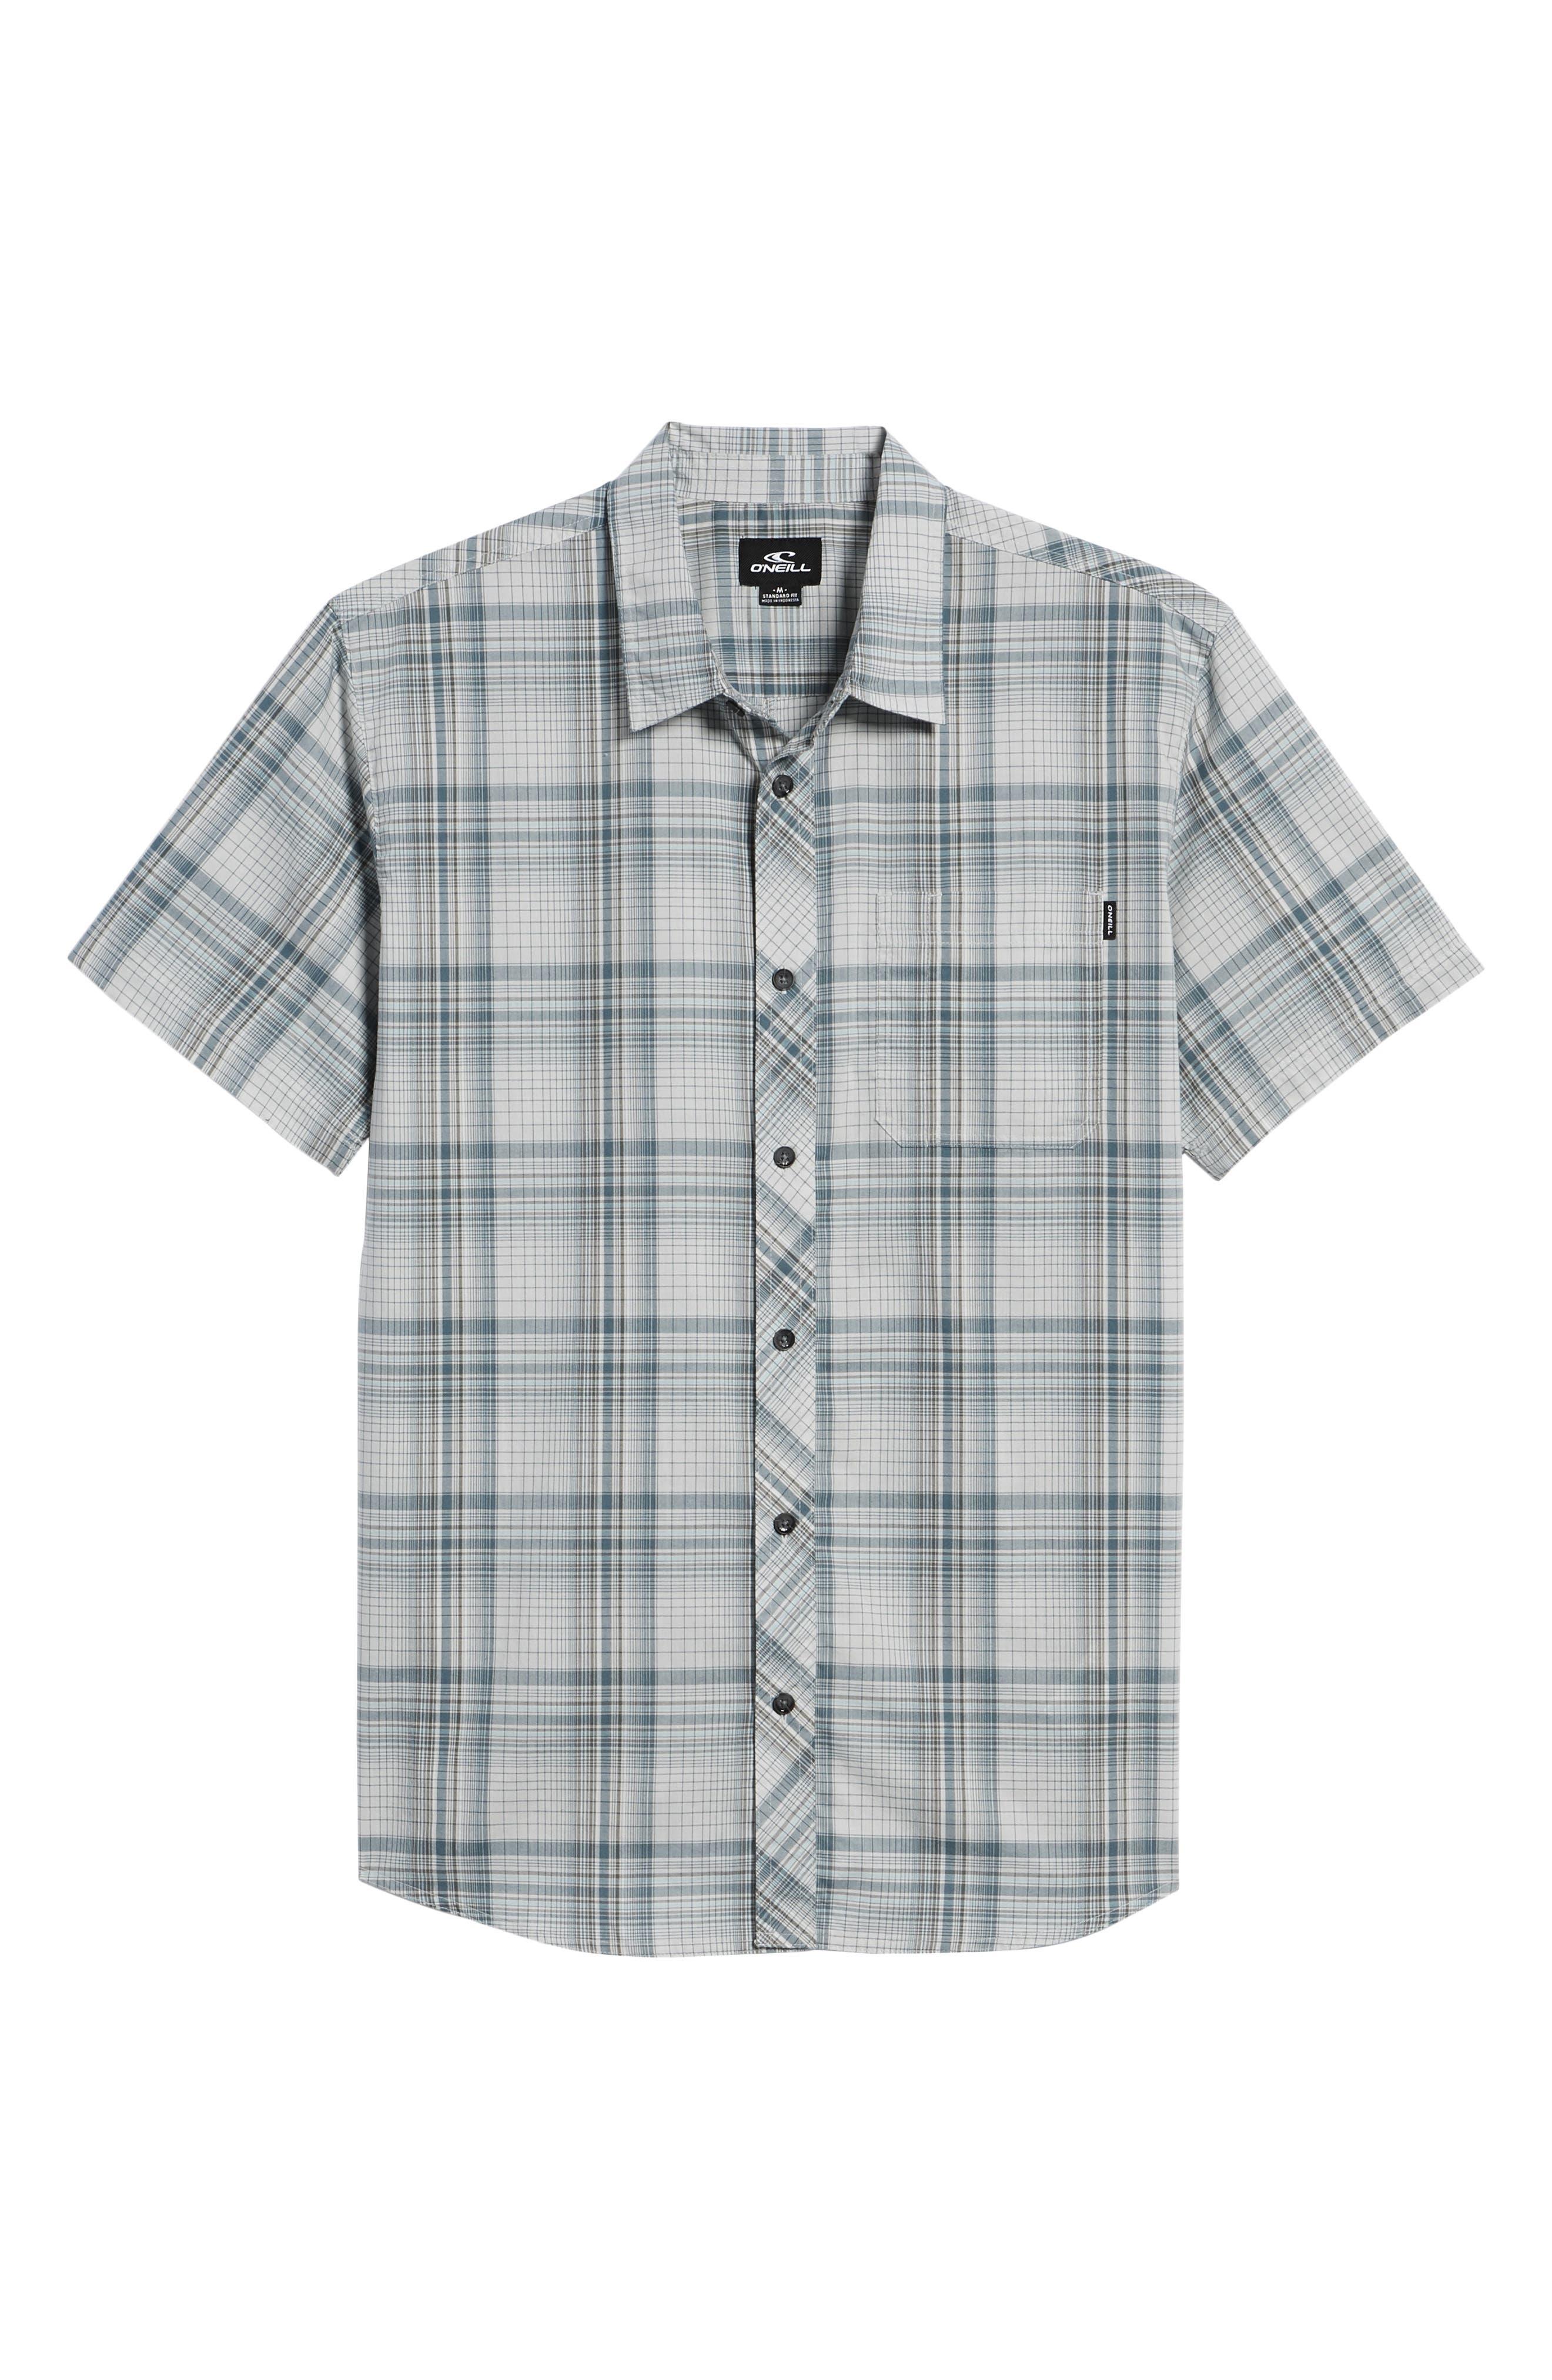 Sturghill Woven Shirt,                             Alternate thumbnail 6, color,                             036